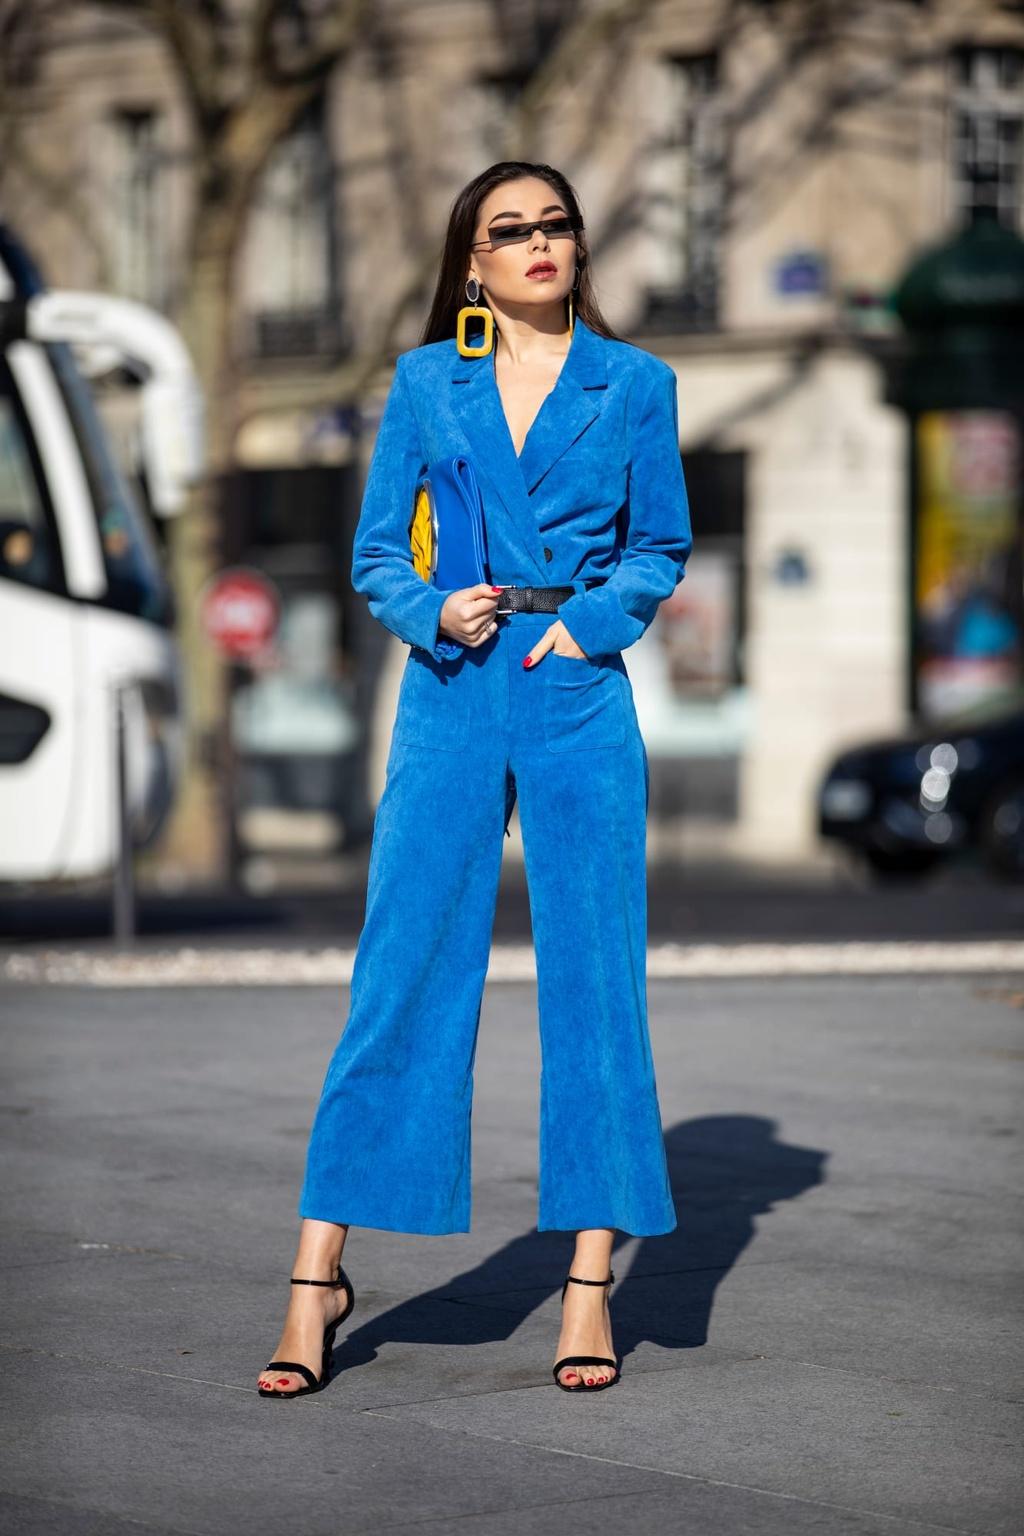 Fashionista Viet anh 3